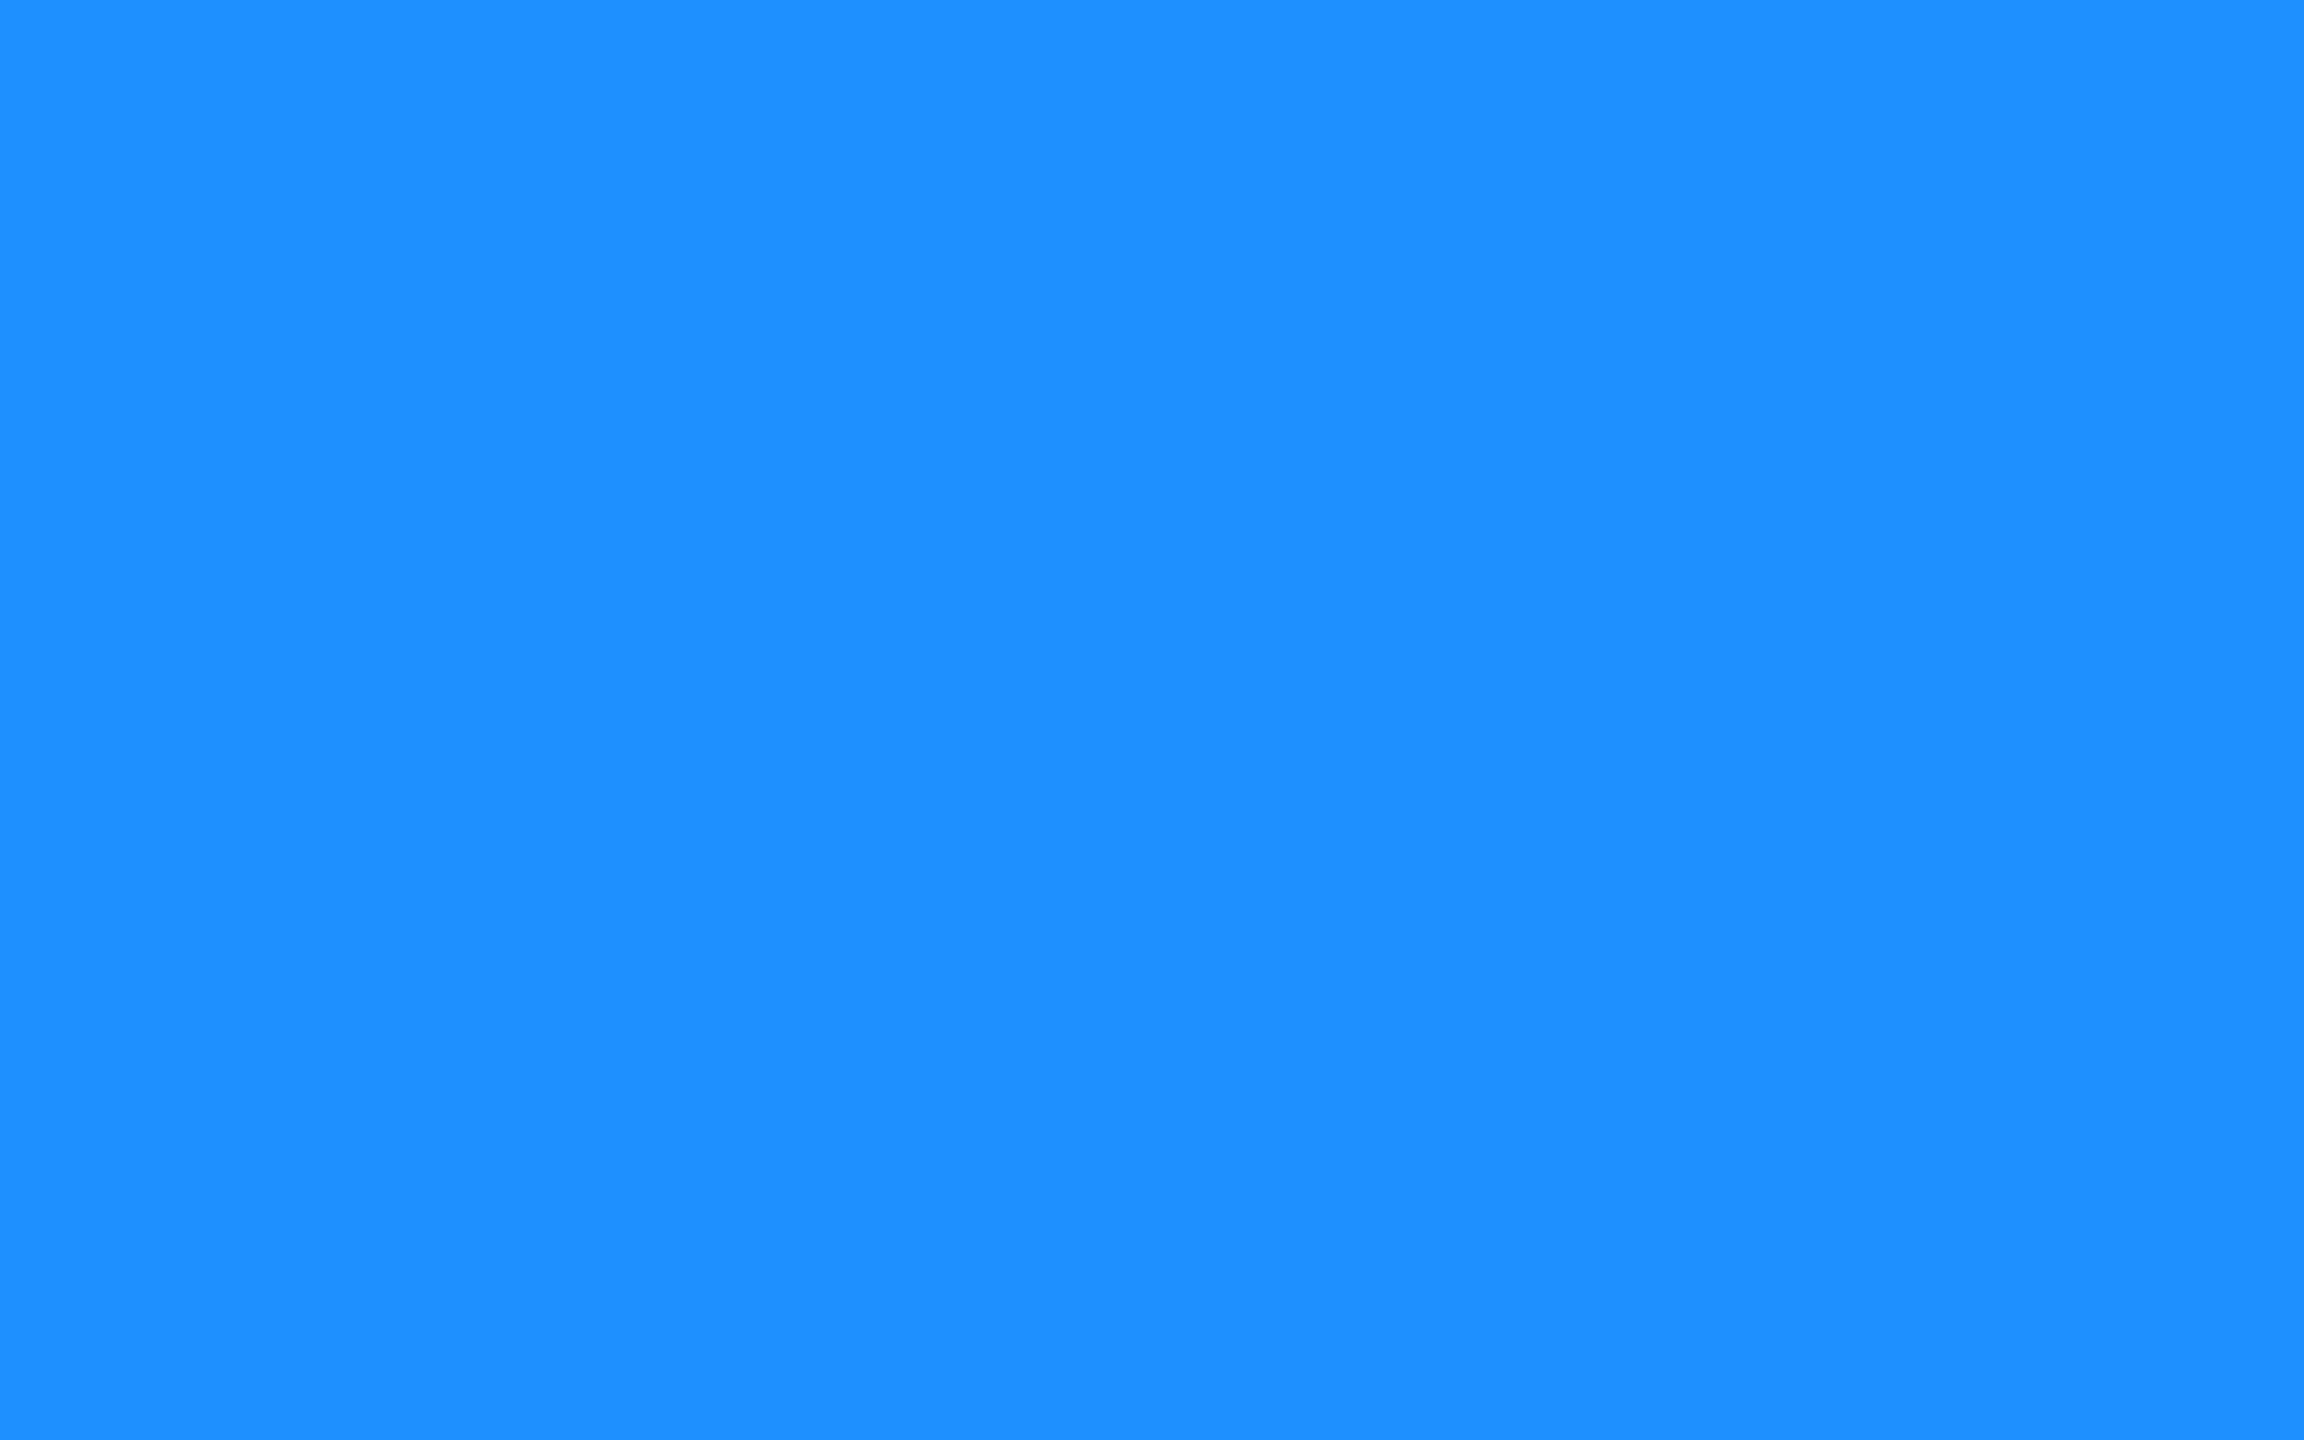 2304x1440 Dodger Blue Solid Color Background